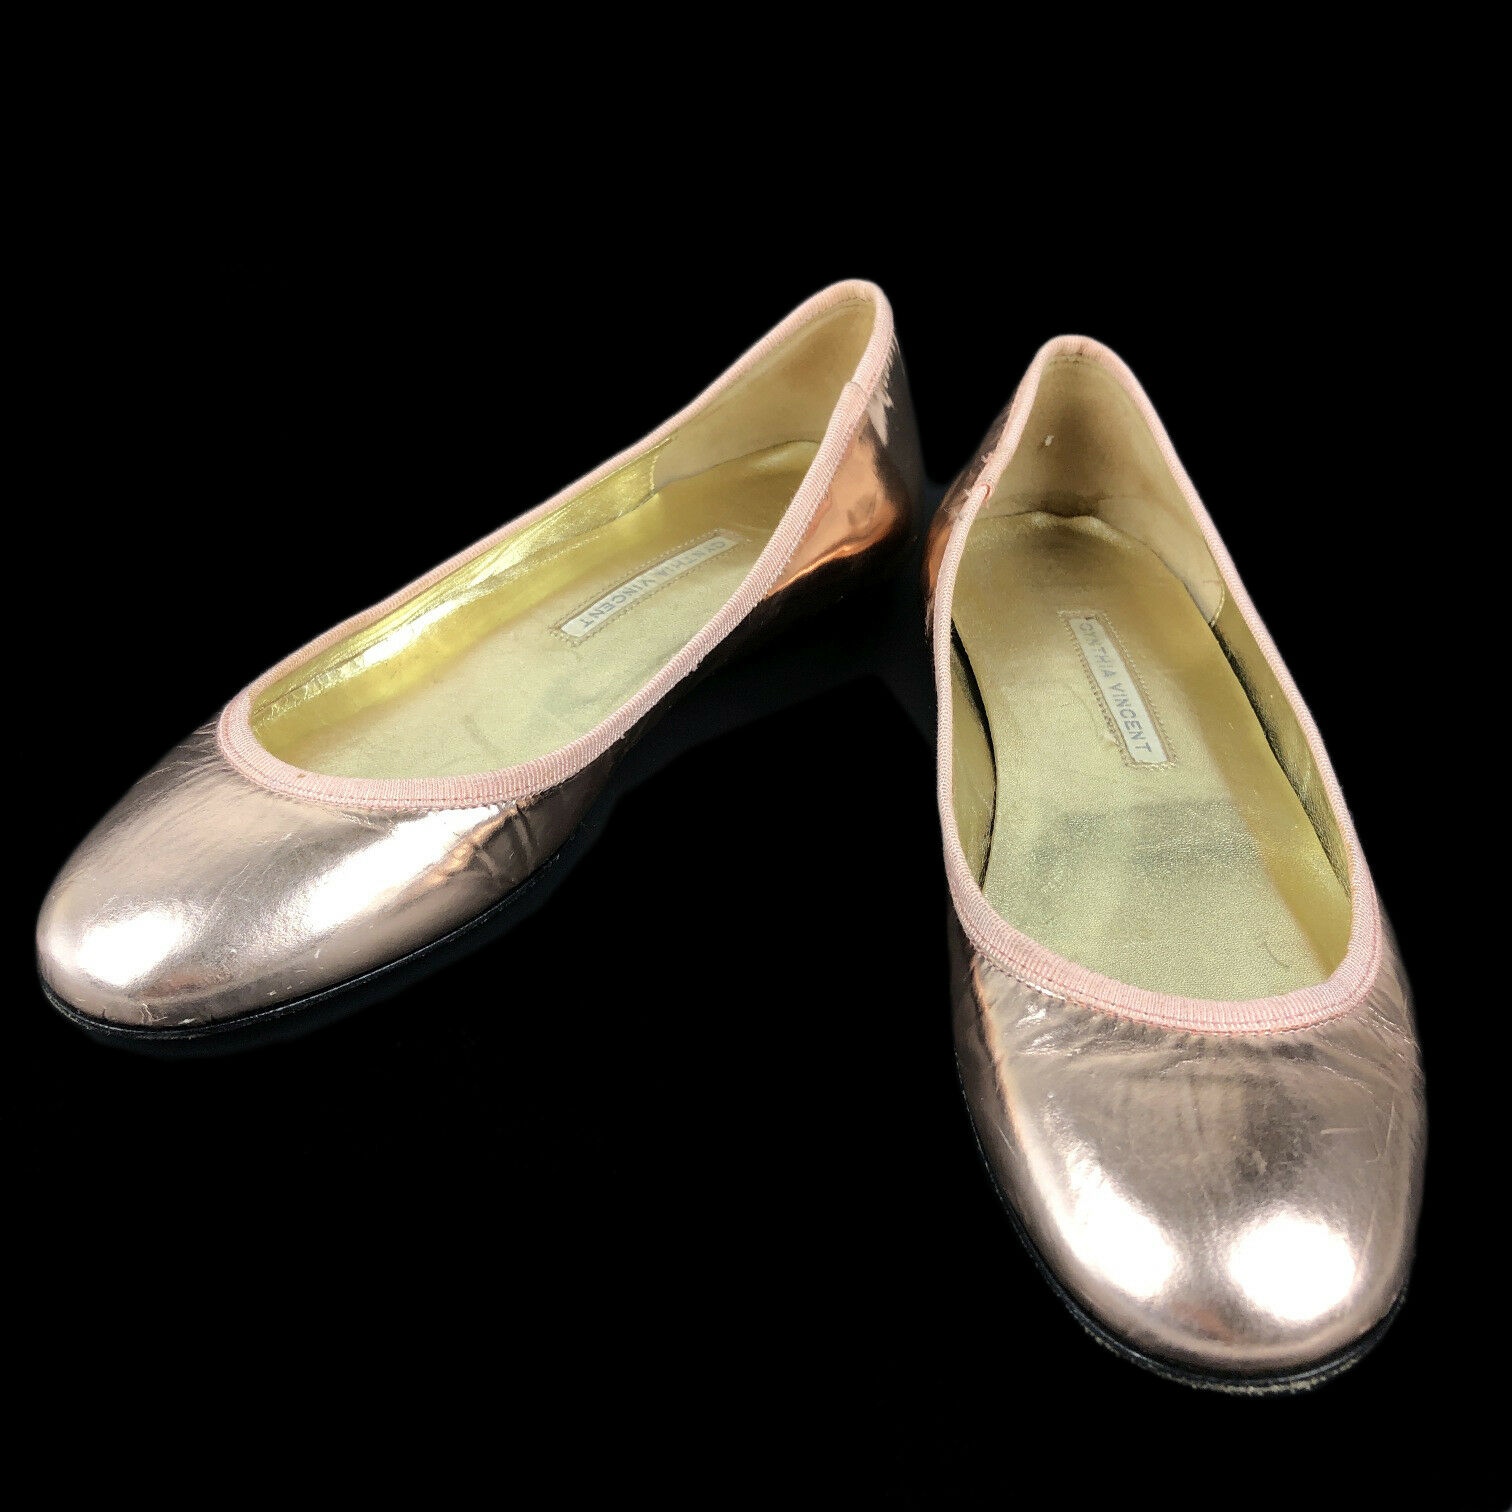 Cynthia 7 Vincent para mujer Talla 7 Cynthia Ballet Zapatos sin Taco Sin Cordones 37 euros oro rosadodo bab87b